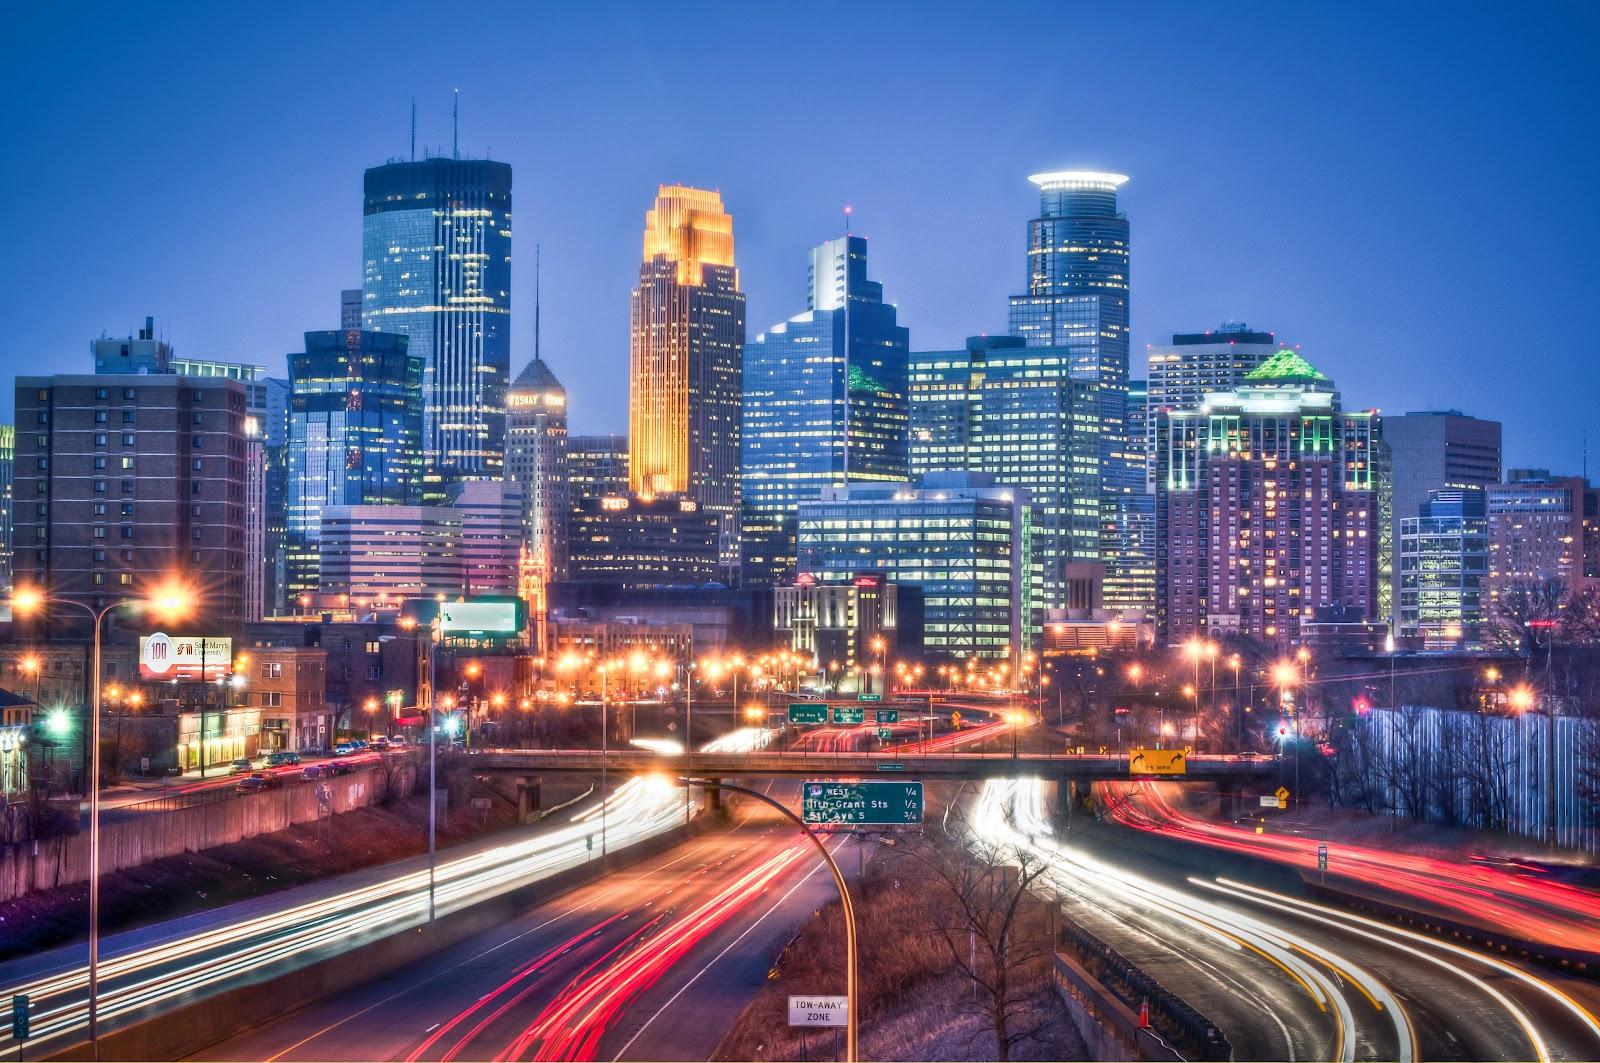 Minneapolis Skyline Wallpaper Wallpapersafari HD Wallpapers Download Free Images Wallpaper [1000image.com]